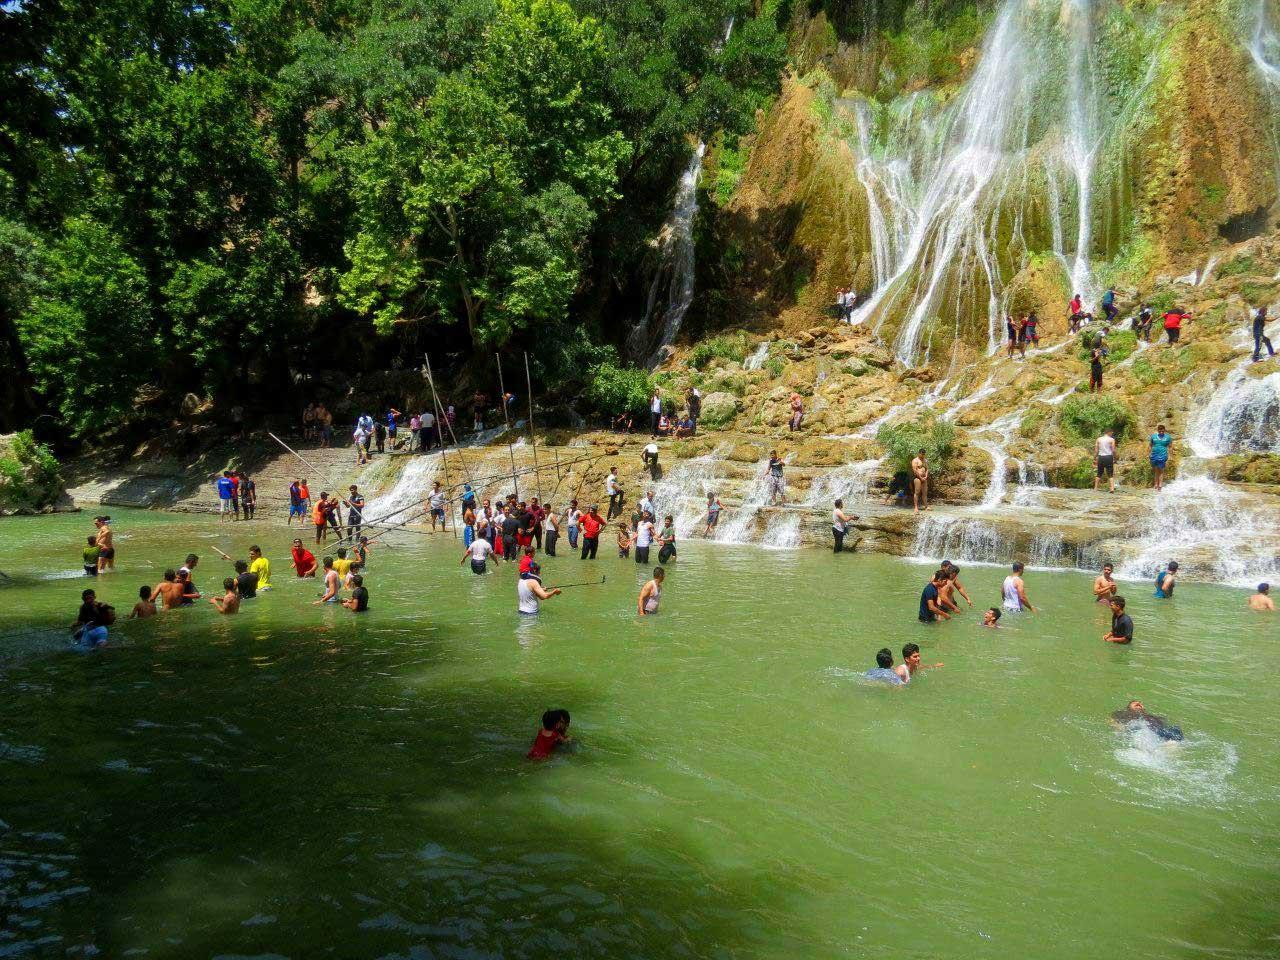 آب تنی در حوضچه آبشار بیشه